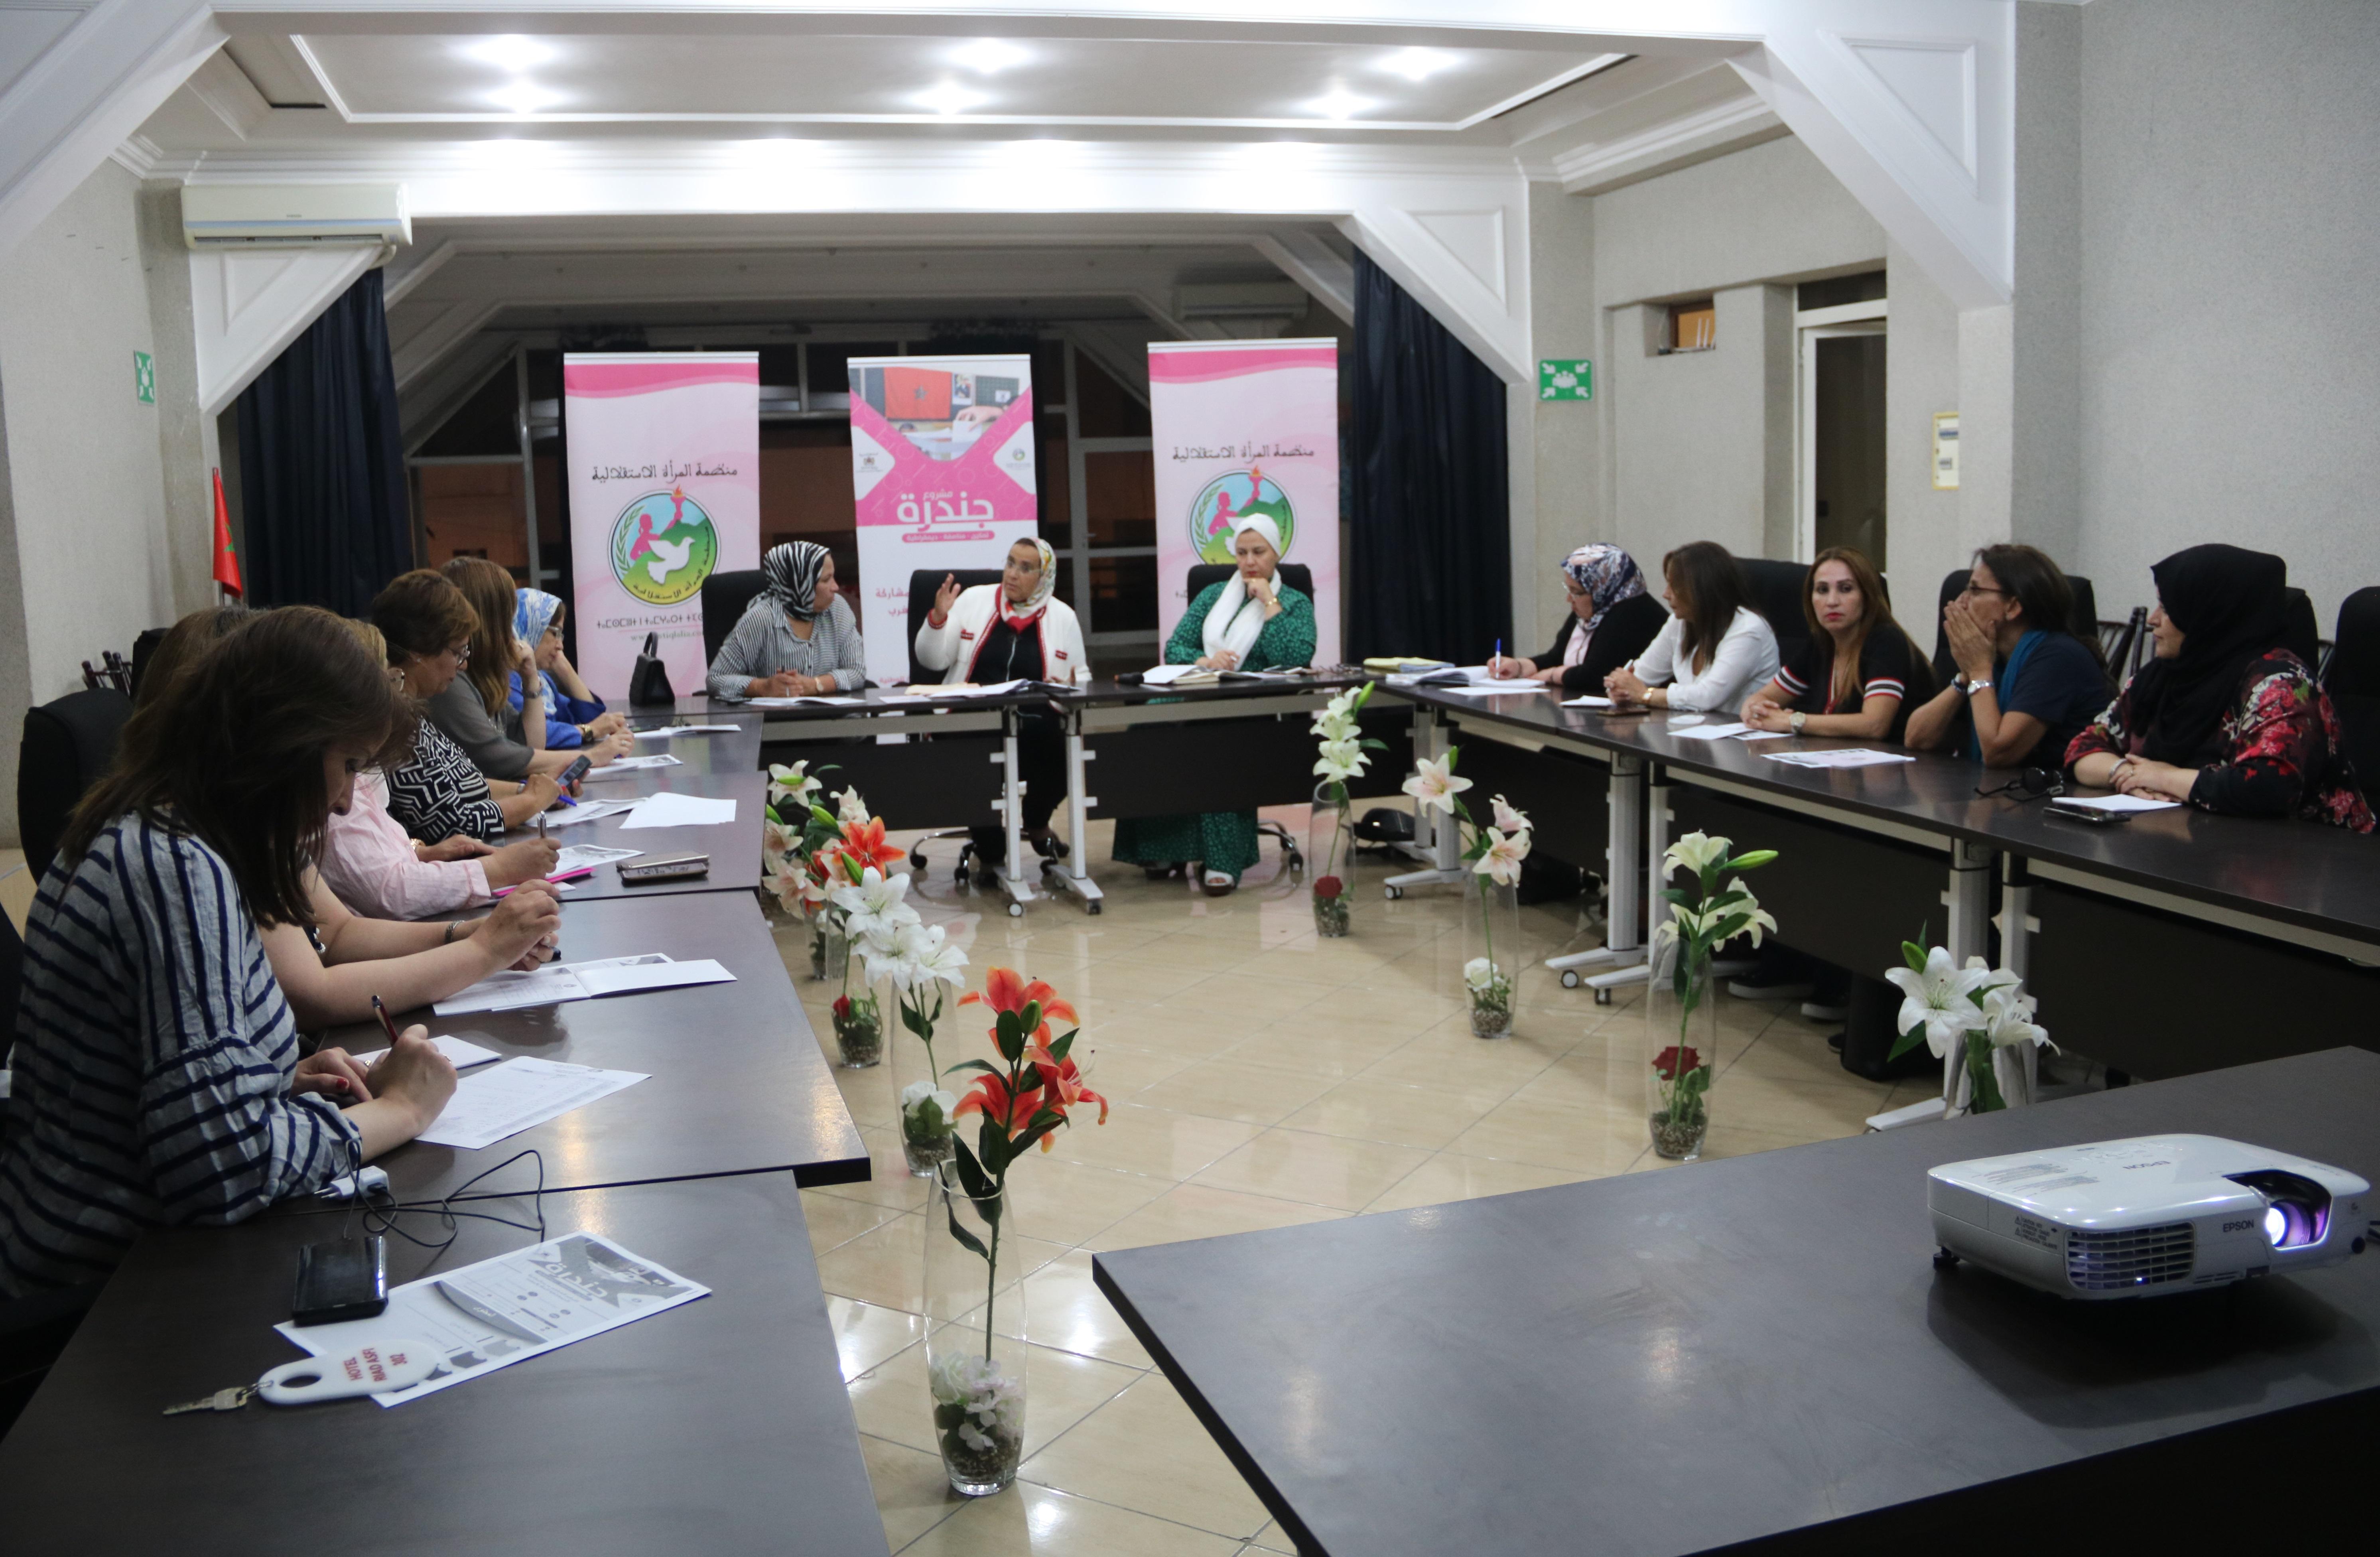 بلاغ  المكتب التنفيذي لمنظمة المرأة الاستقلالية